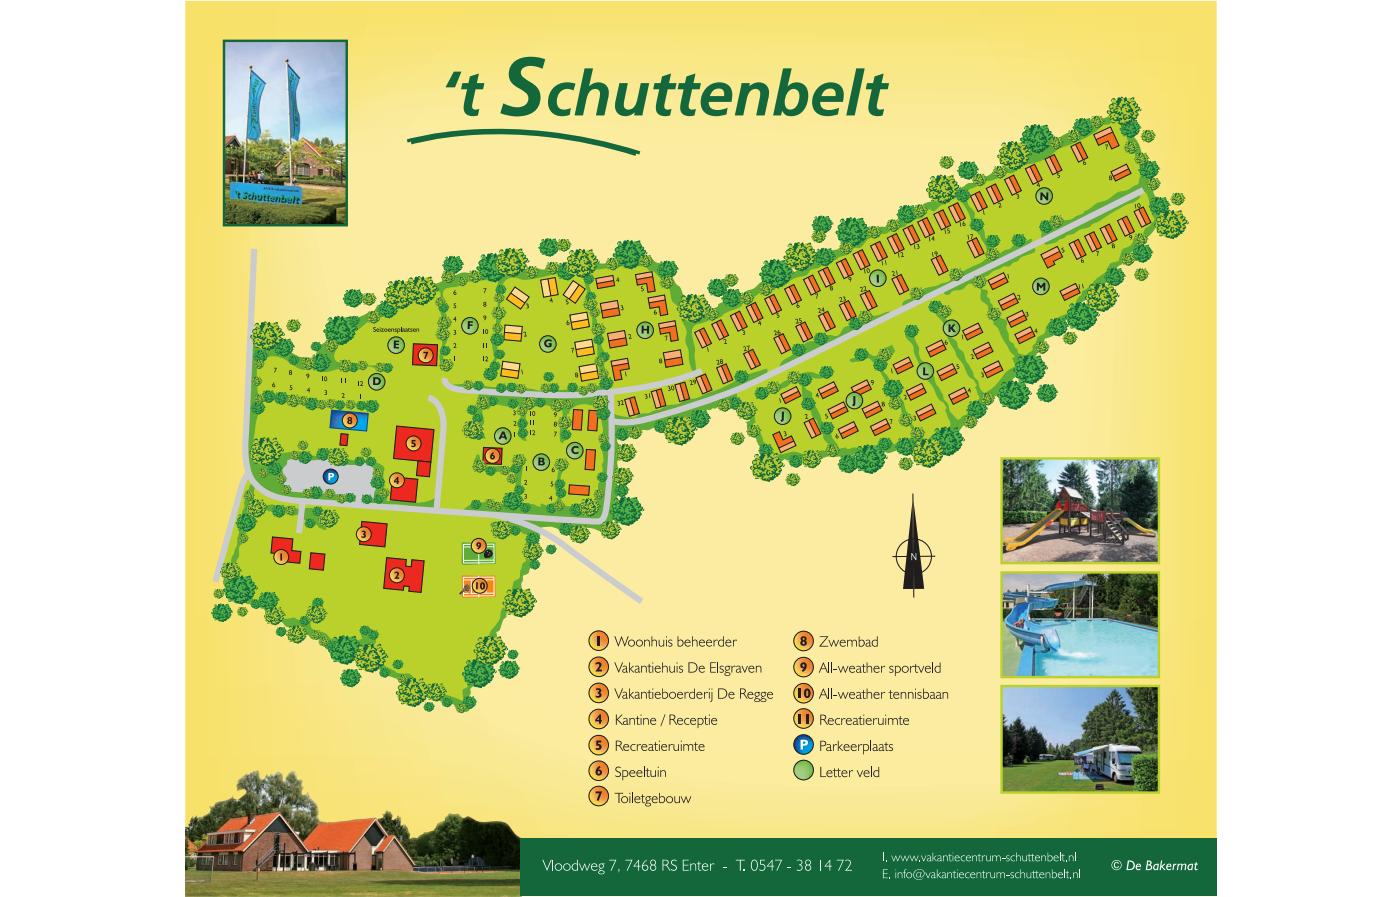 Plattegrond_Vakantiecentrum__tSchuttenbelt_2019_cc15d72a-f6d2-43b1-84d7-f130696d8fac.pdf